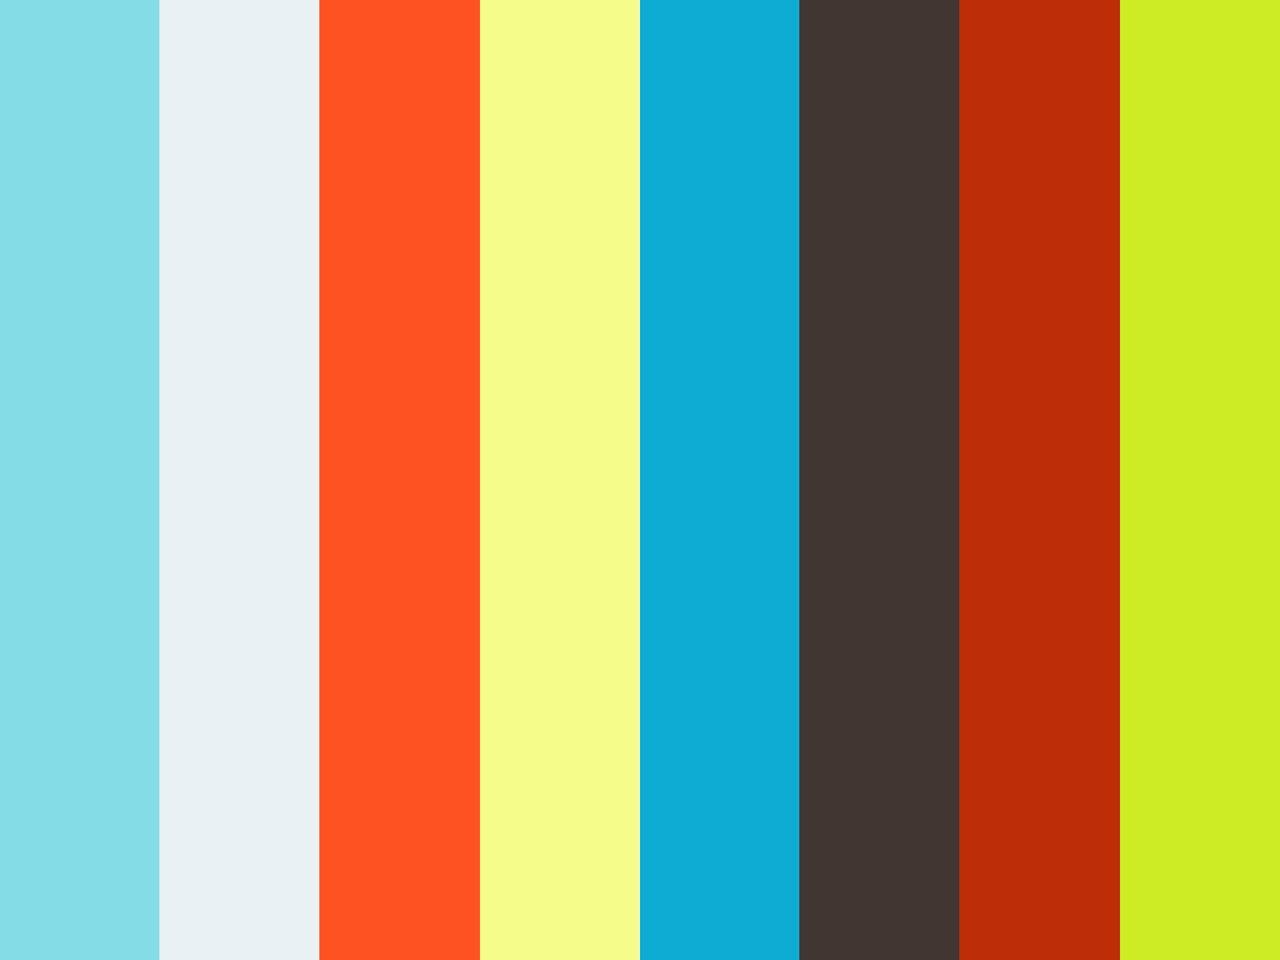 53780 - 2ct Round Brilliant Solitaire